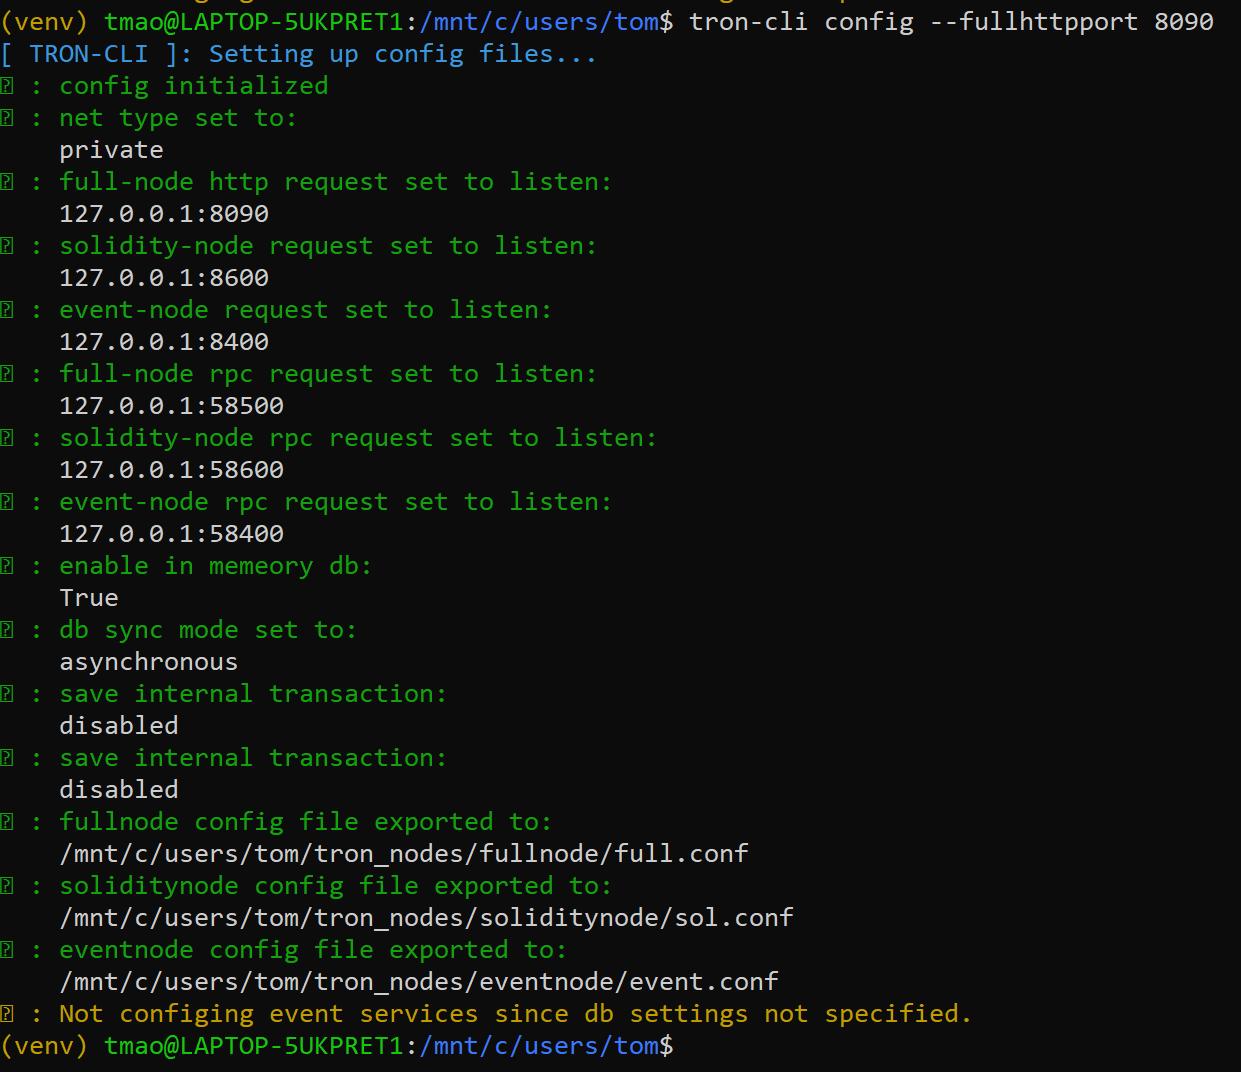 完整节点 HTTP 端口设置为 8090